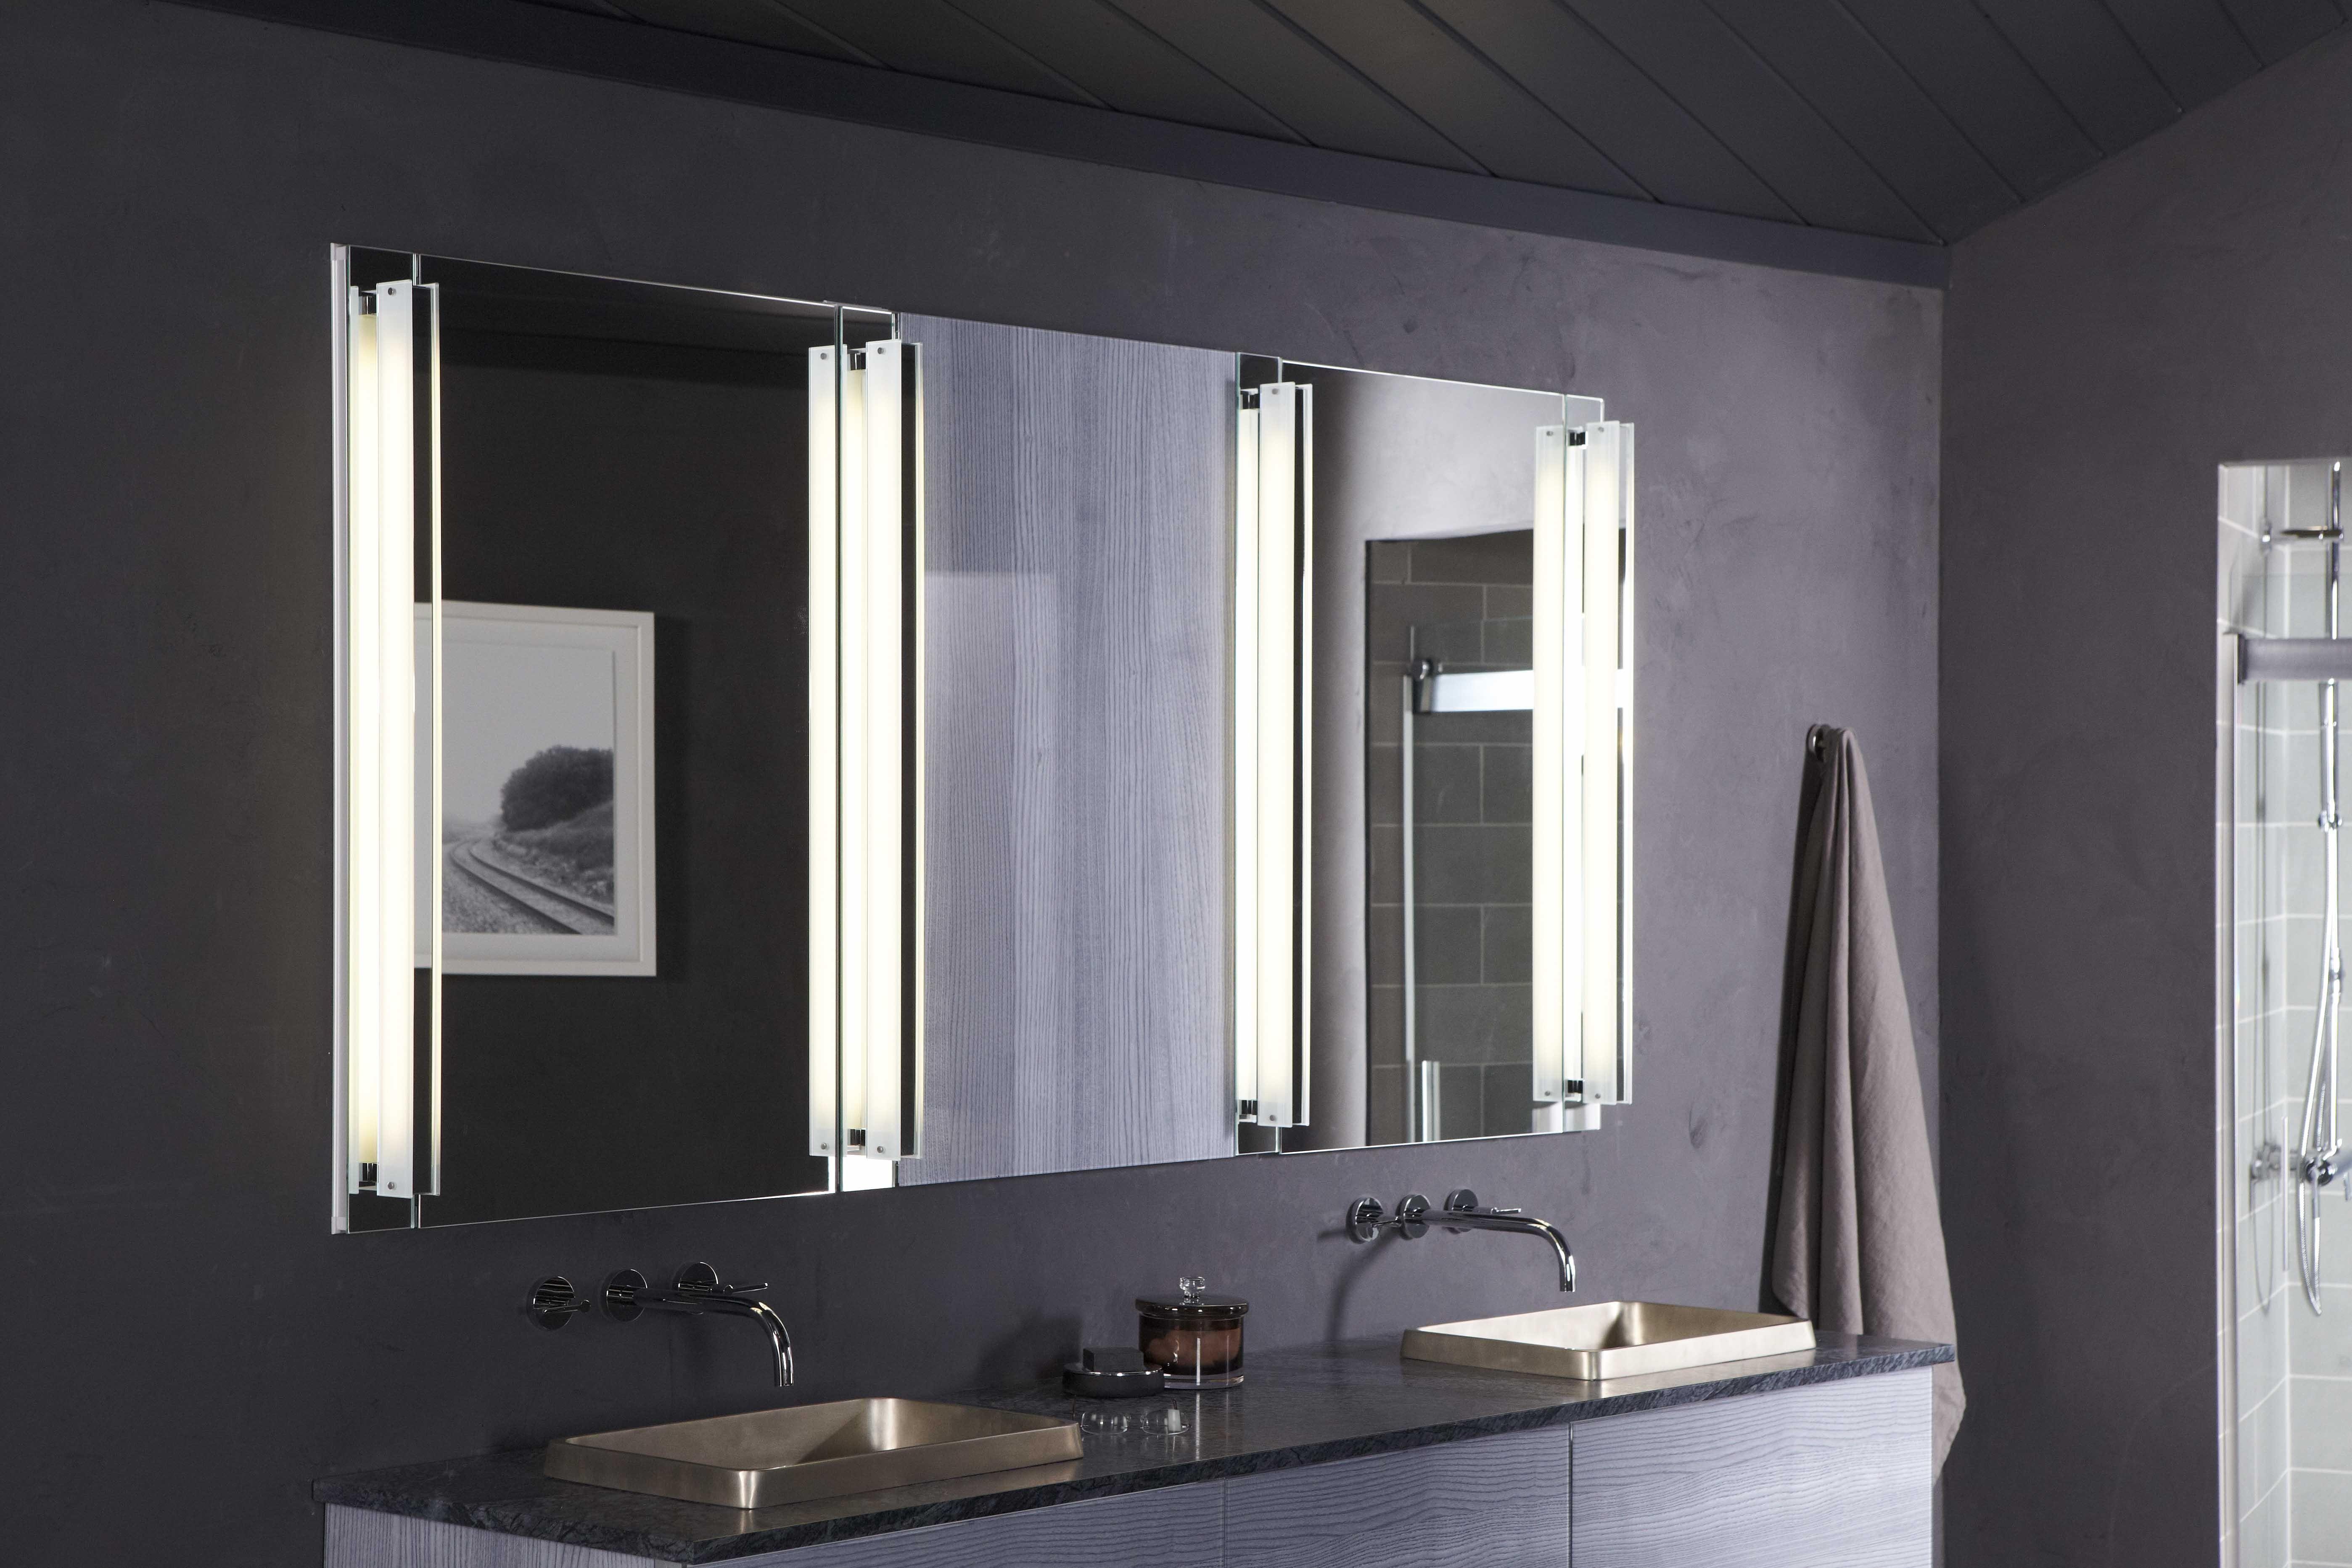 Badezimmer-eitelkeiten mit spiegeln  fotos badezimmer eitelkeit spiegel mit hausapotheke  spiegel